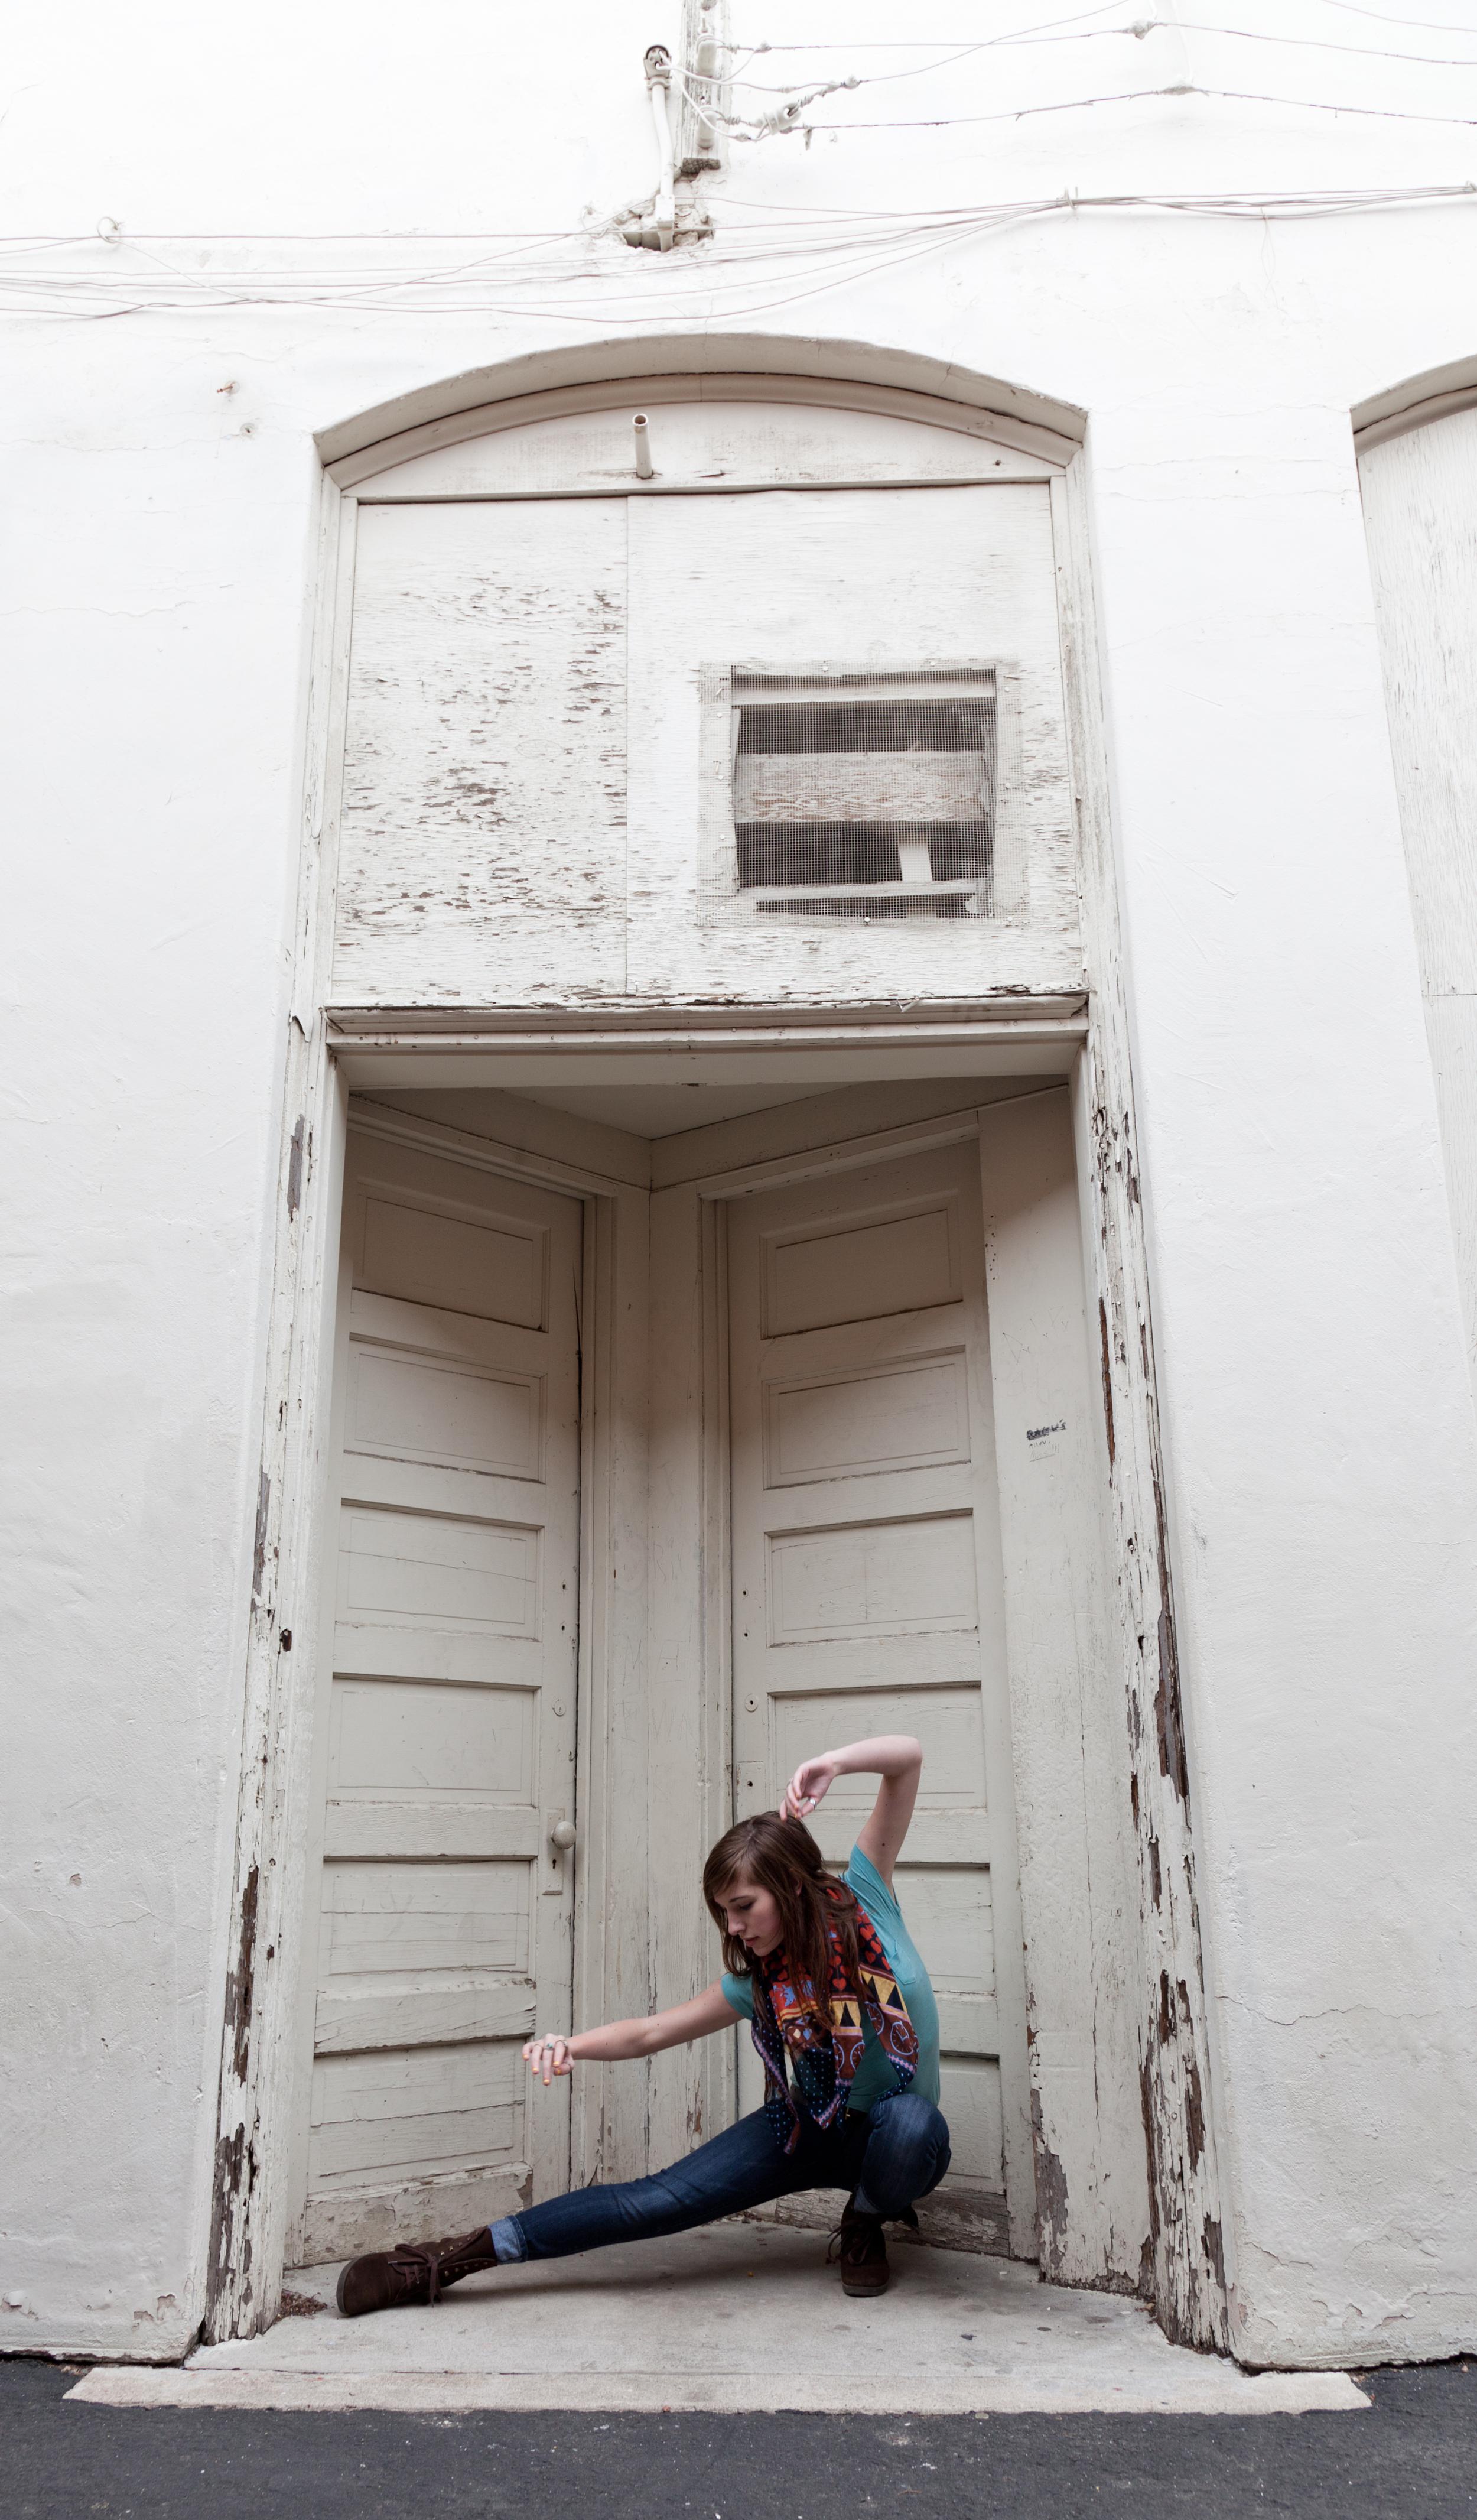 Erin by door.jpg